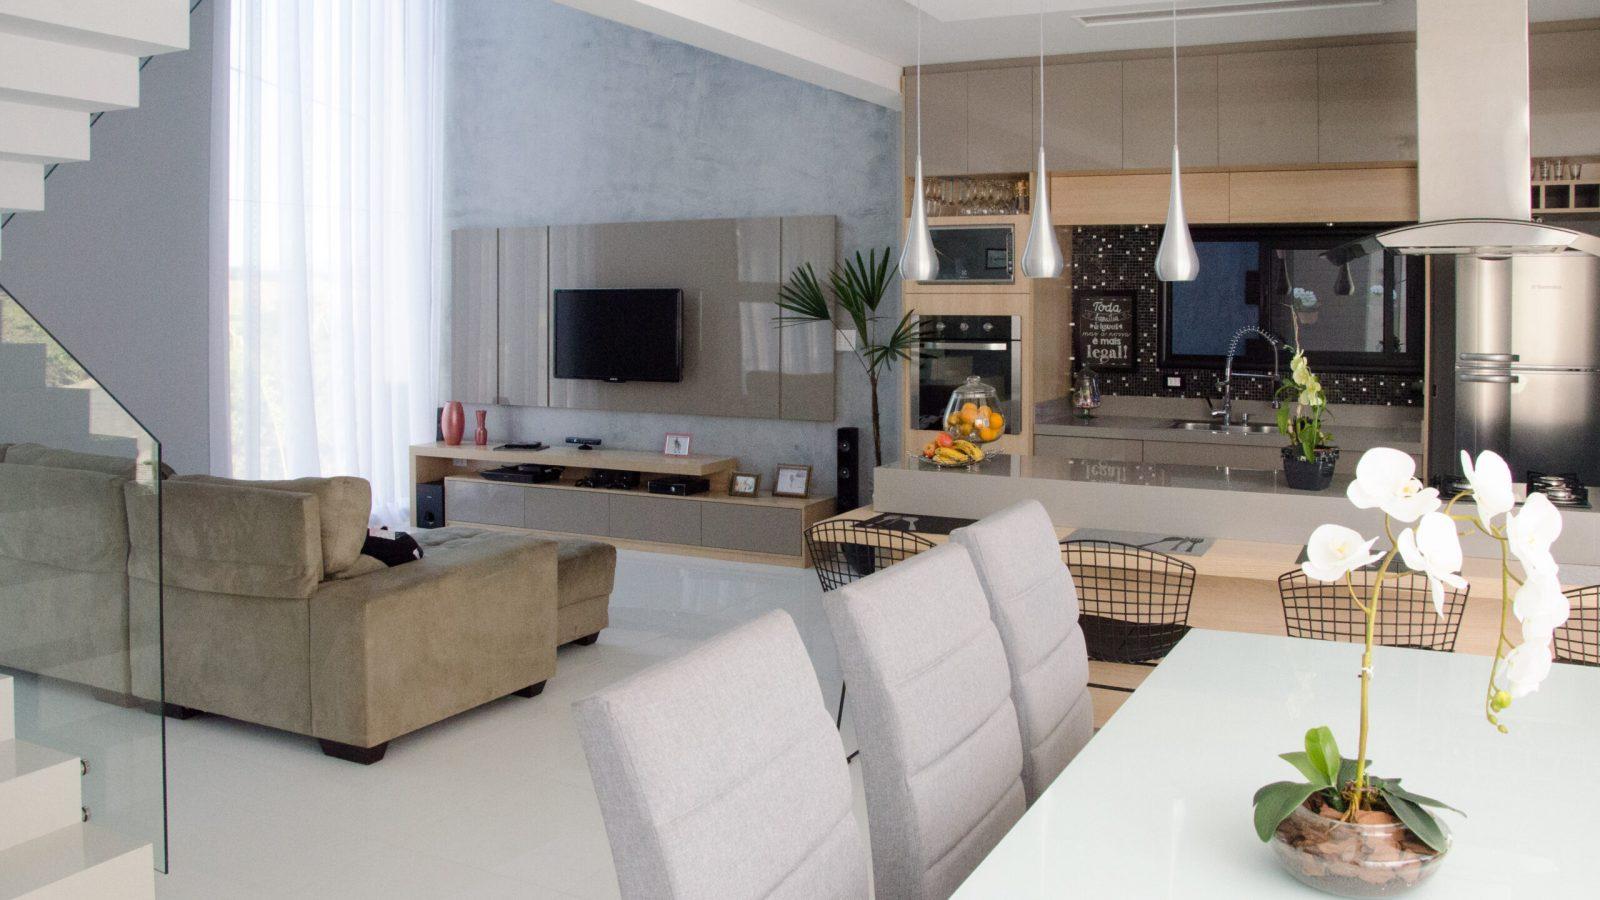 Sala de jantar com mesa e três cadeiras, com sala de estar ao fundo. Televisão e sofá marrom.